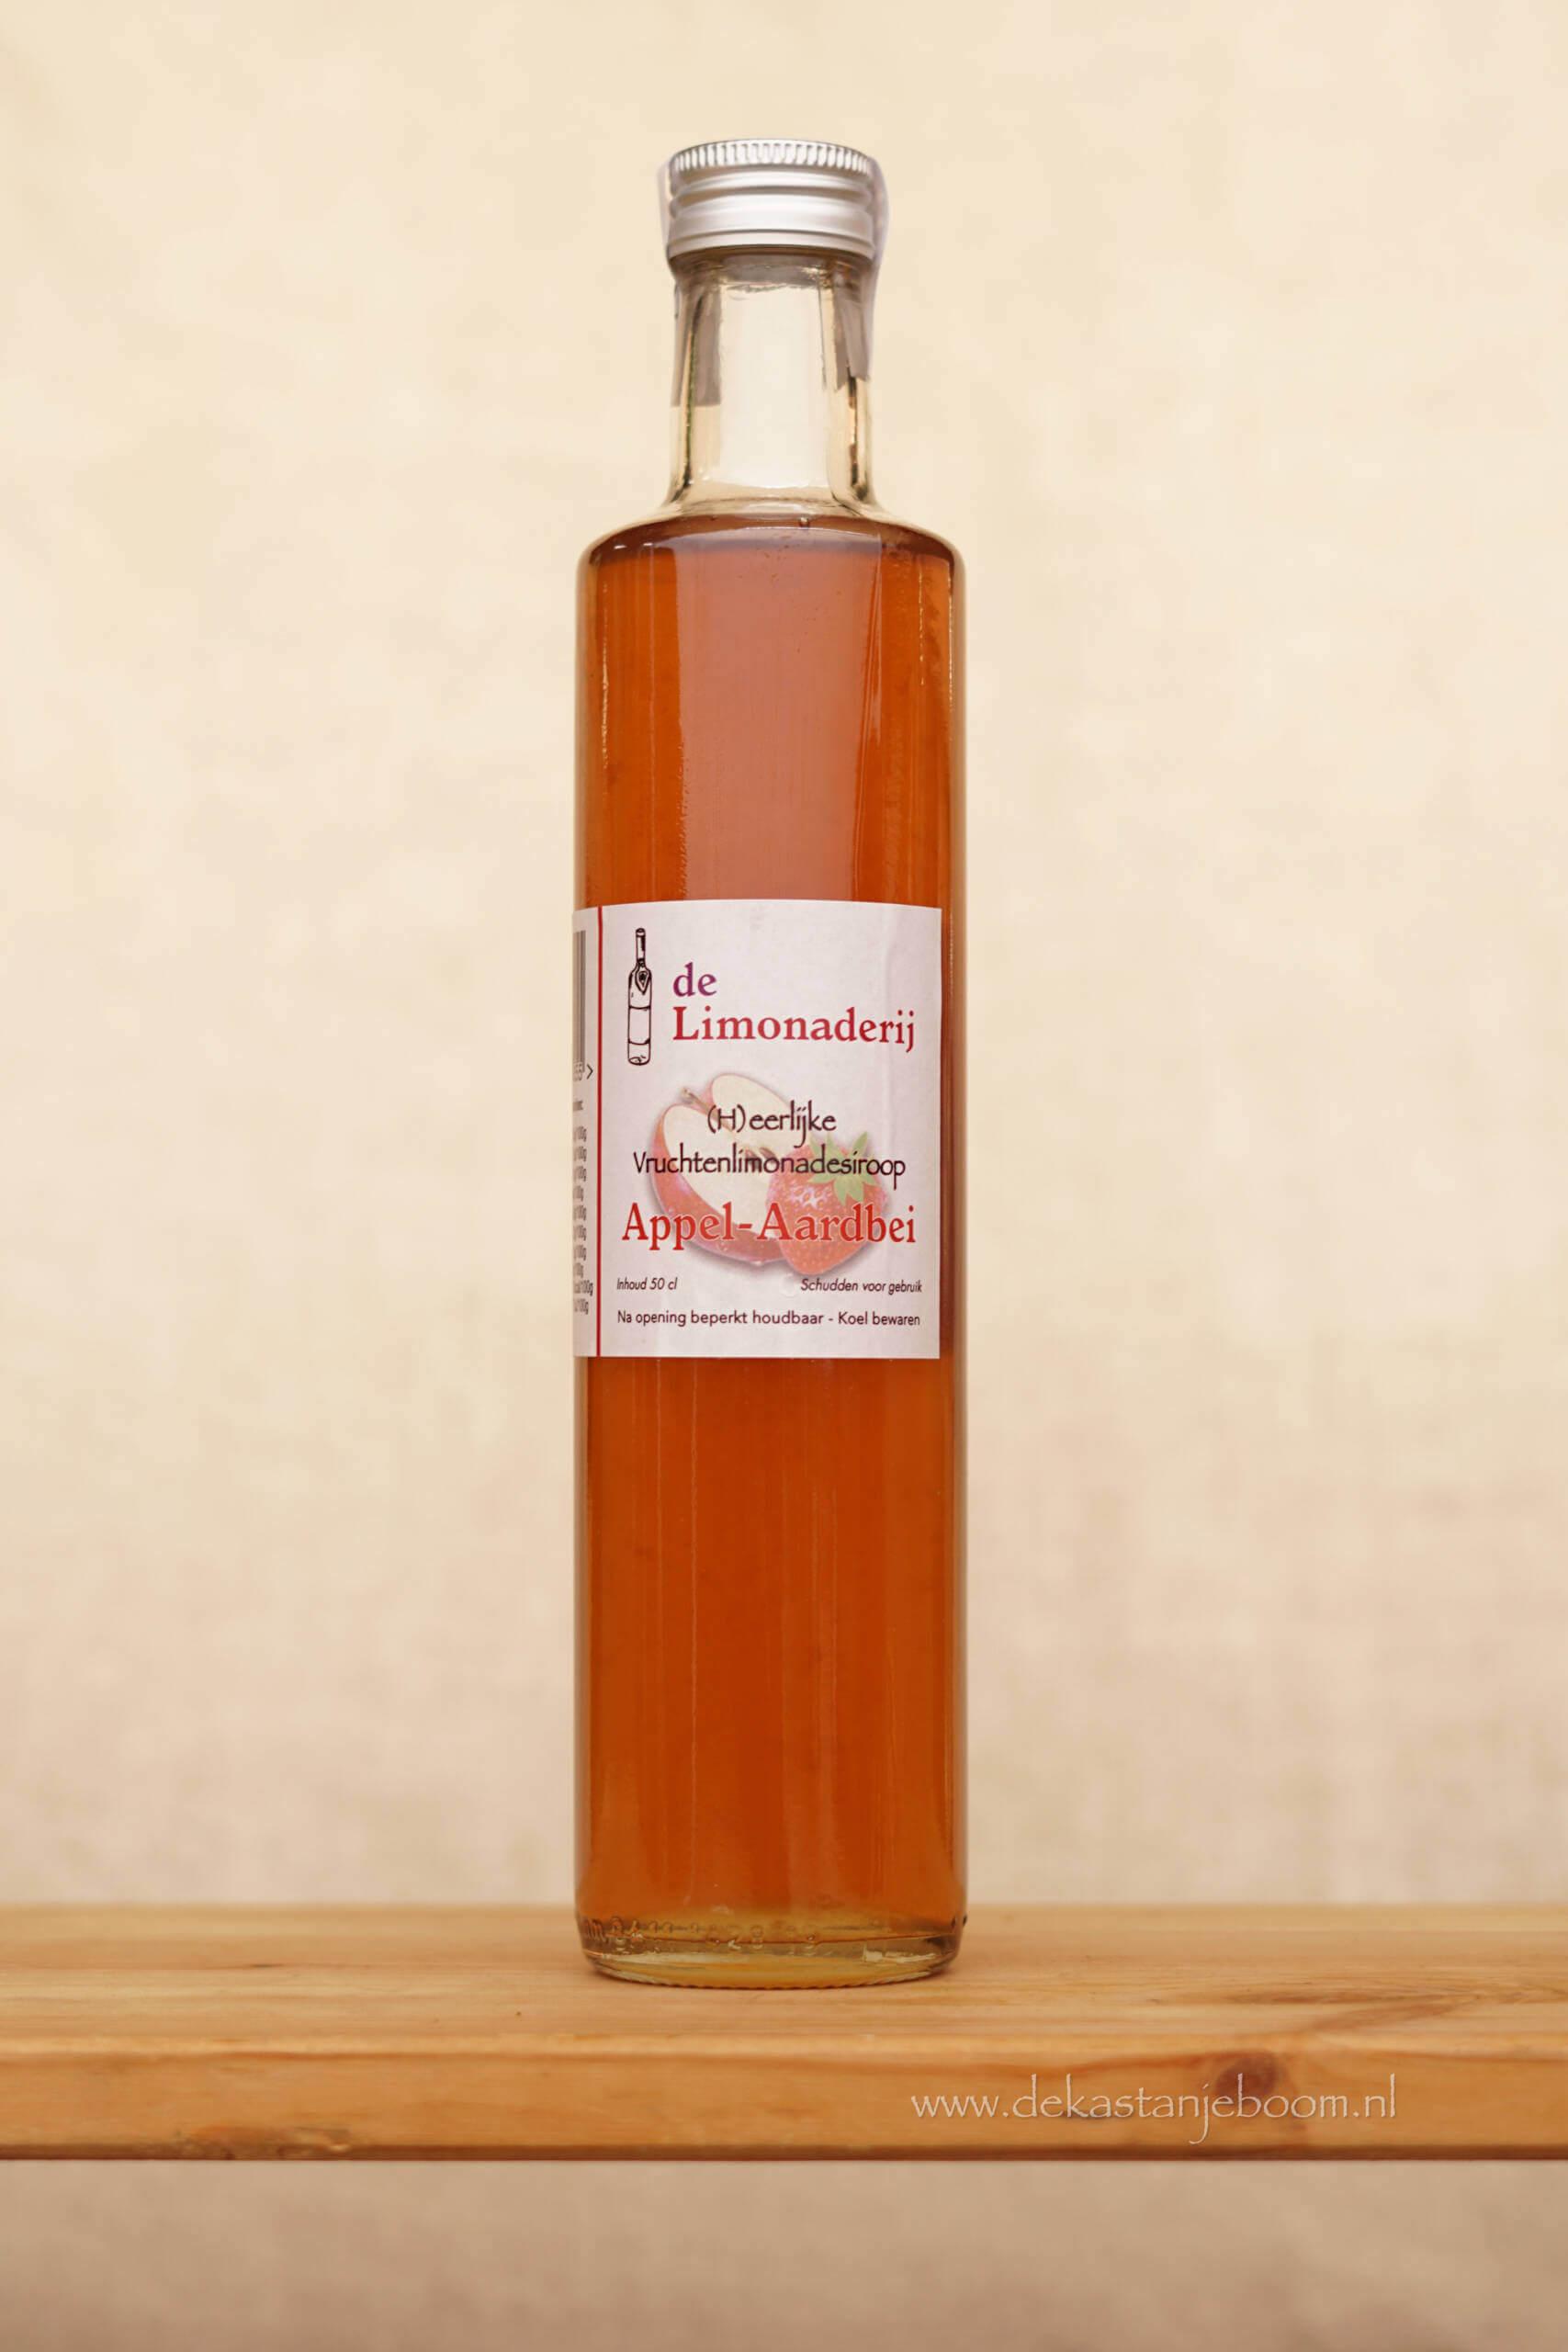 De limonaderij Appel- aardbei